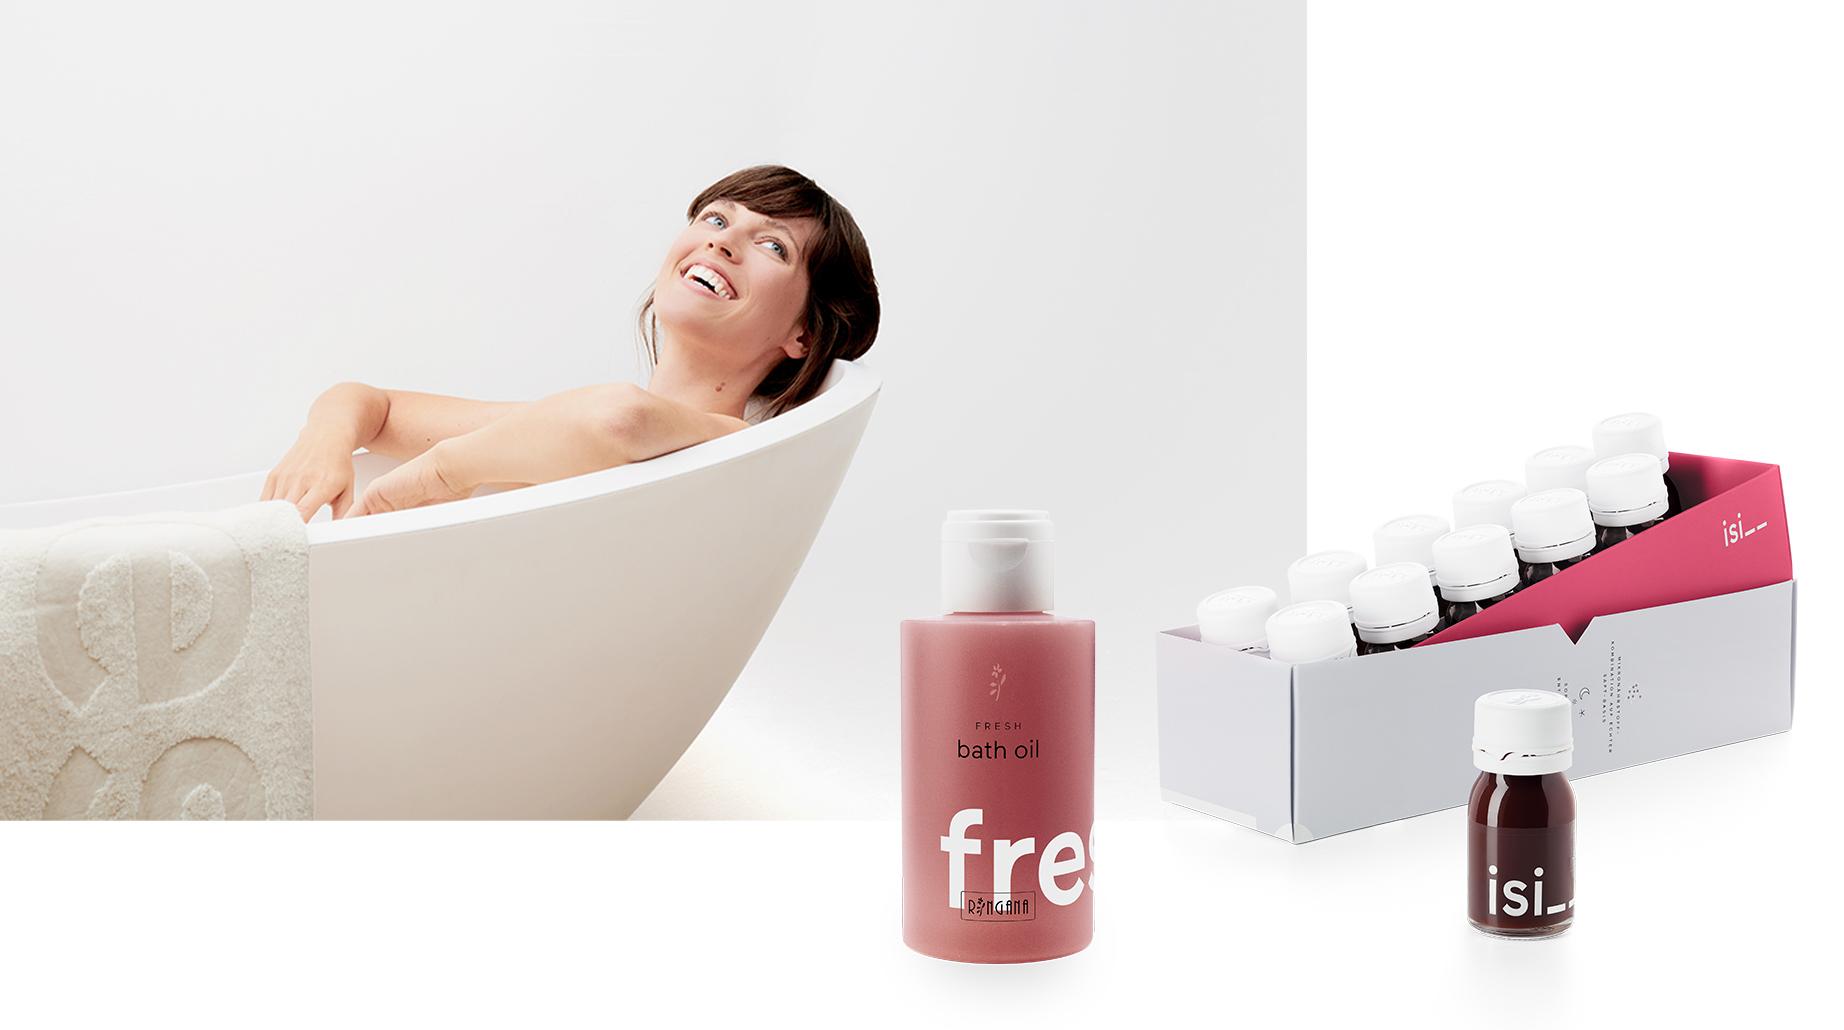 FRESH bath oil and RINGANAisi__